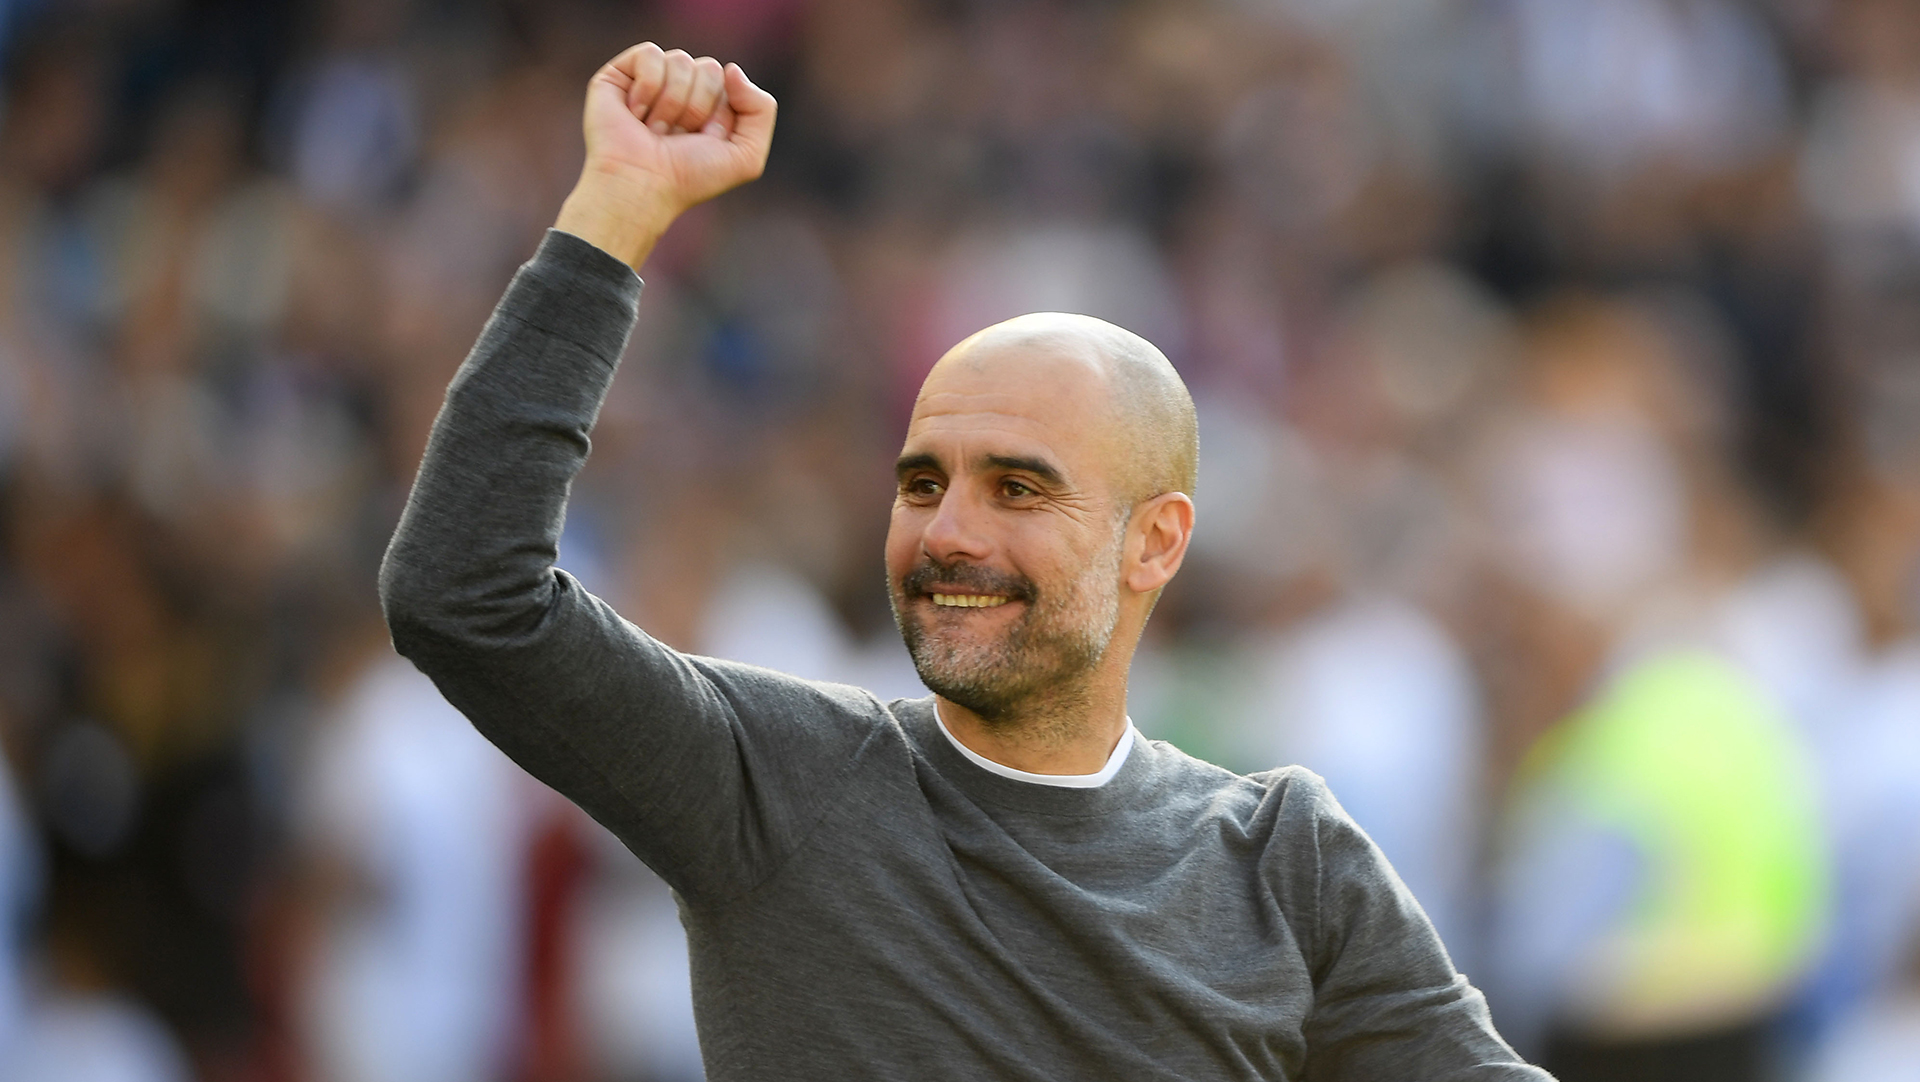 Guardiola reconnaît que Manchester City doit gagner la Ligue des champions pour être considéré parmi les plus grands clubs européens